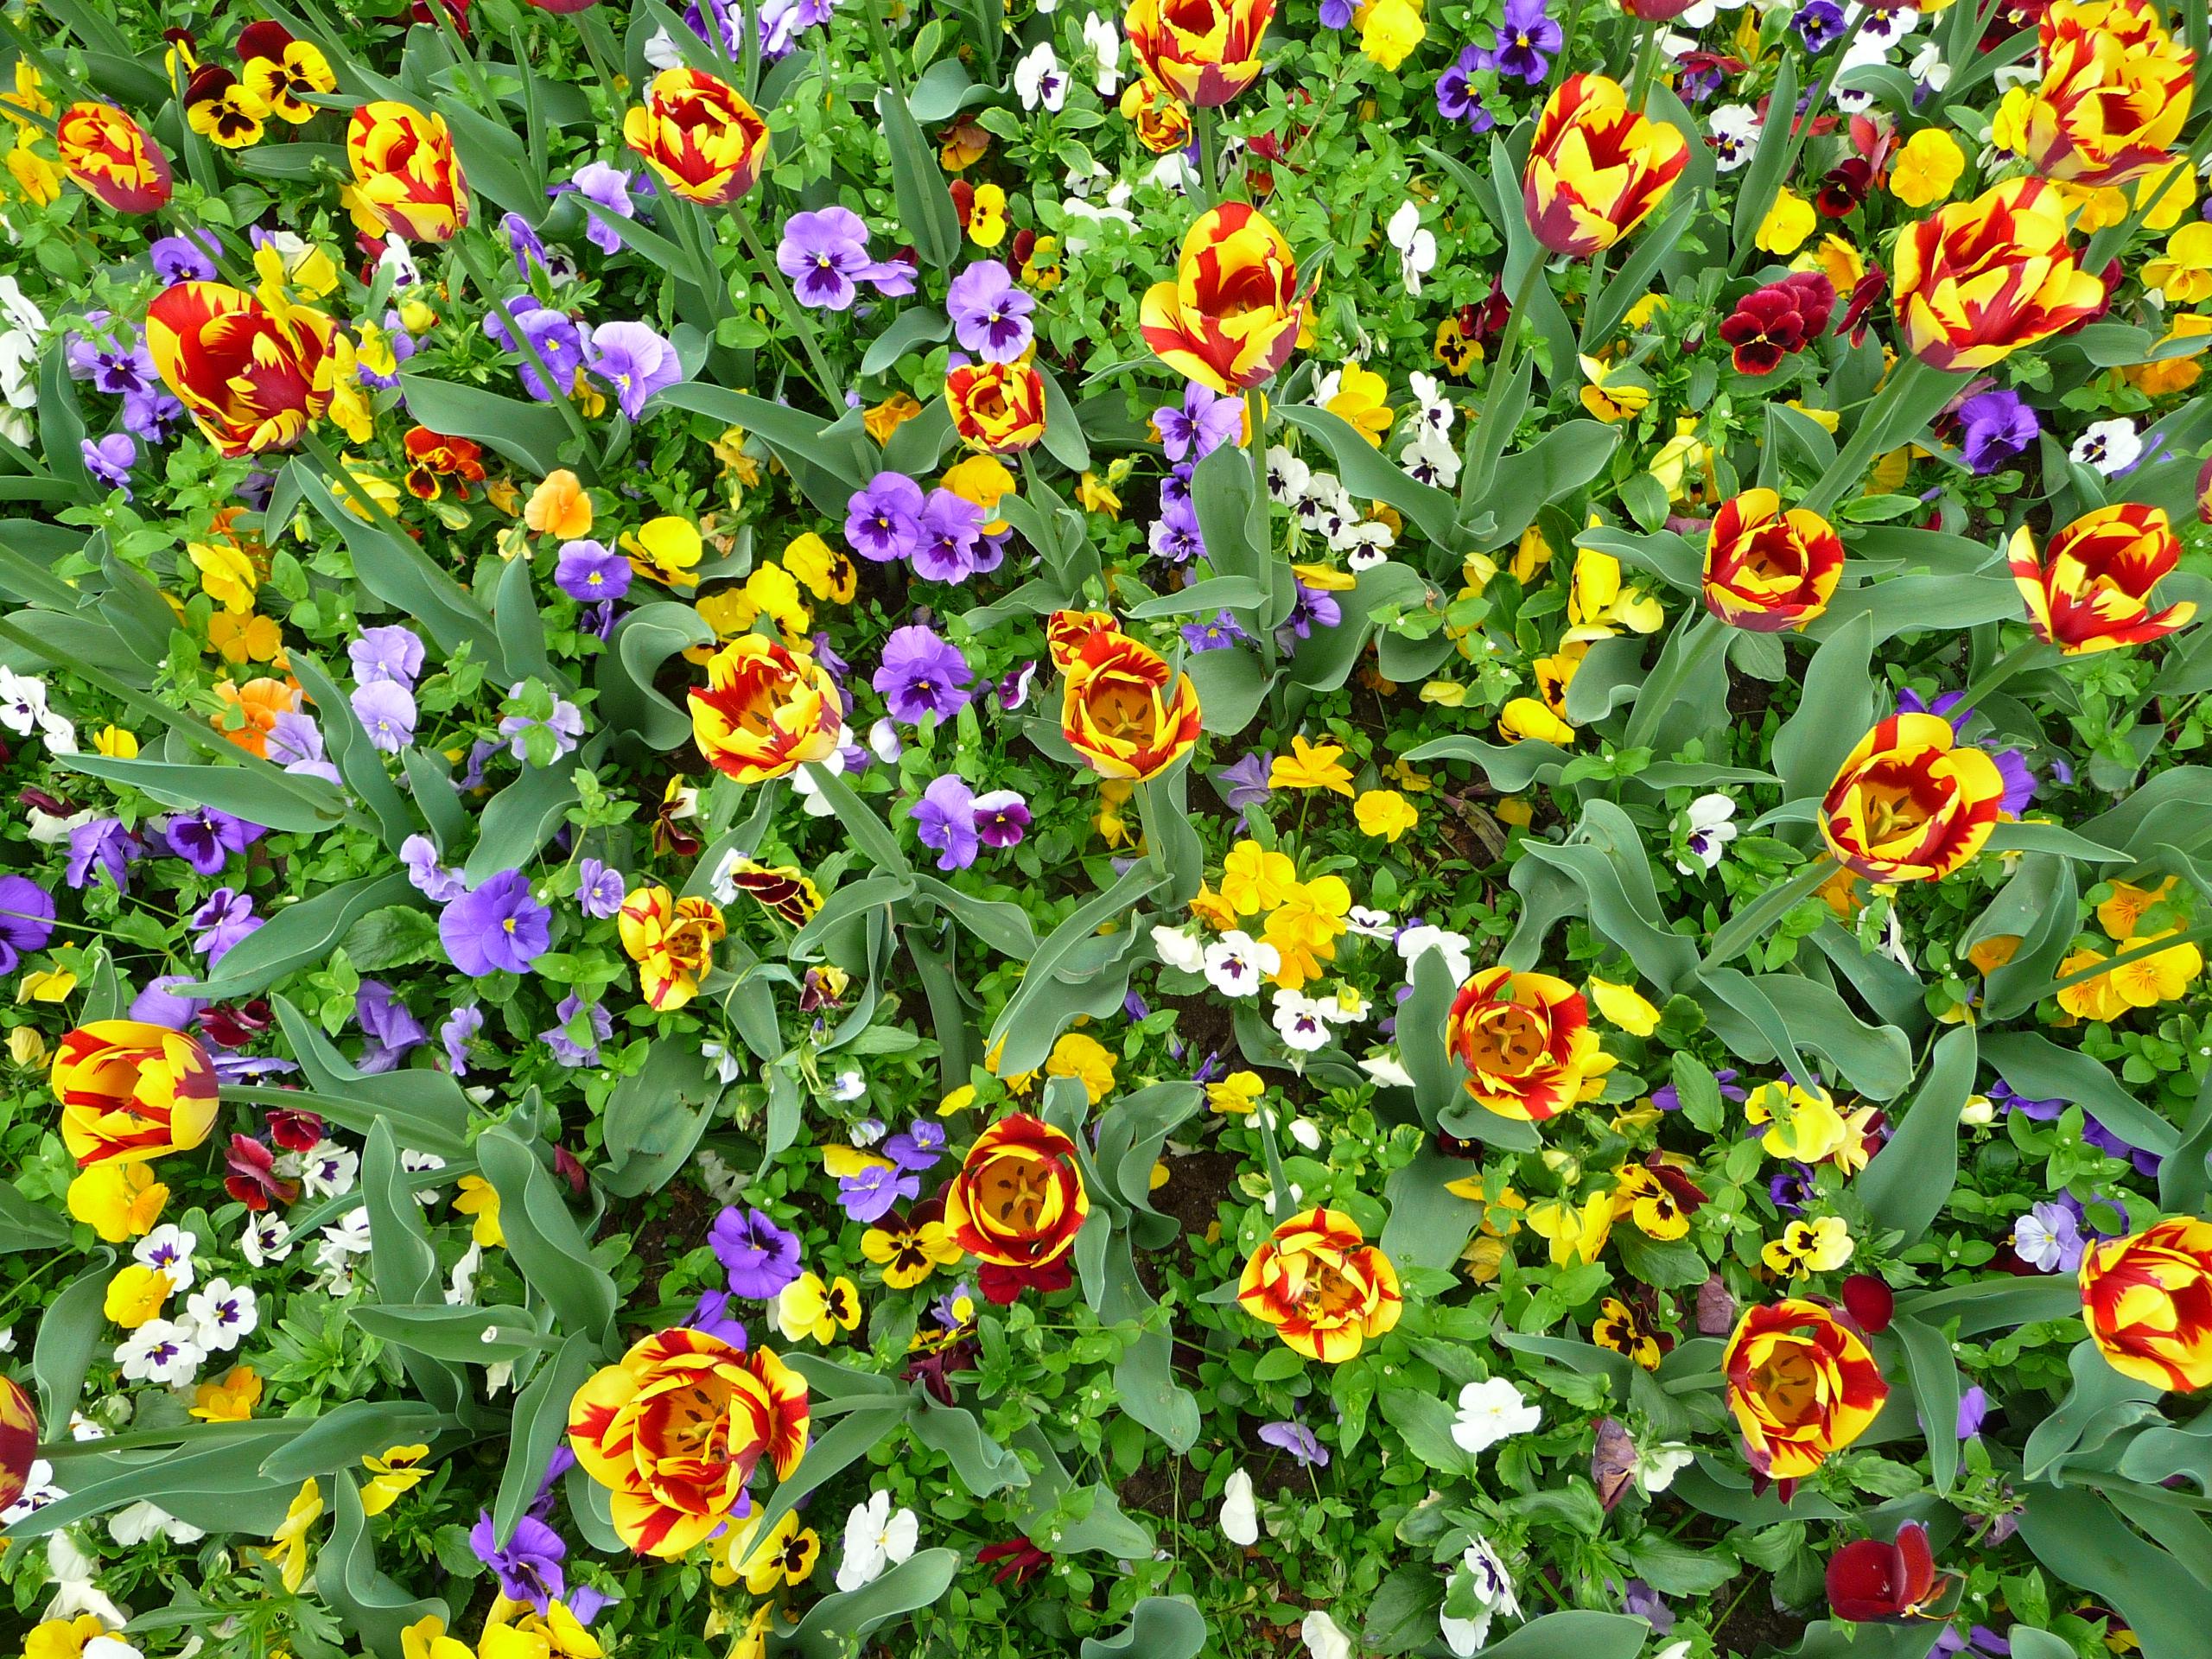 Beet mit Tulpen und Stiefmütterchen.JPG